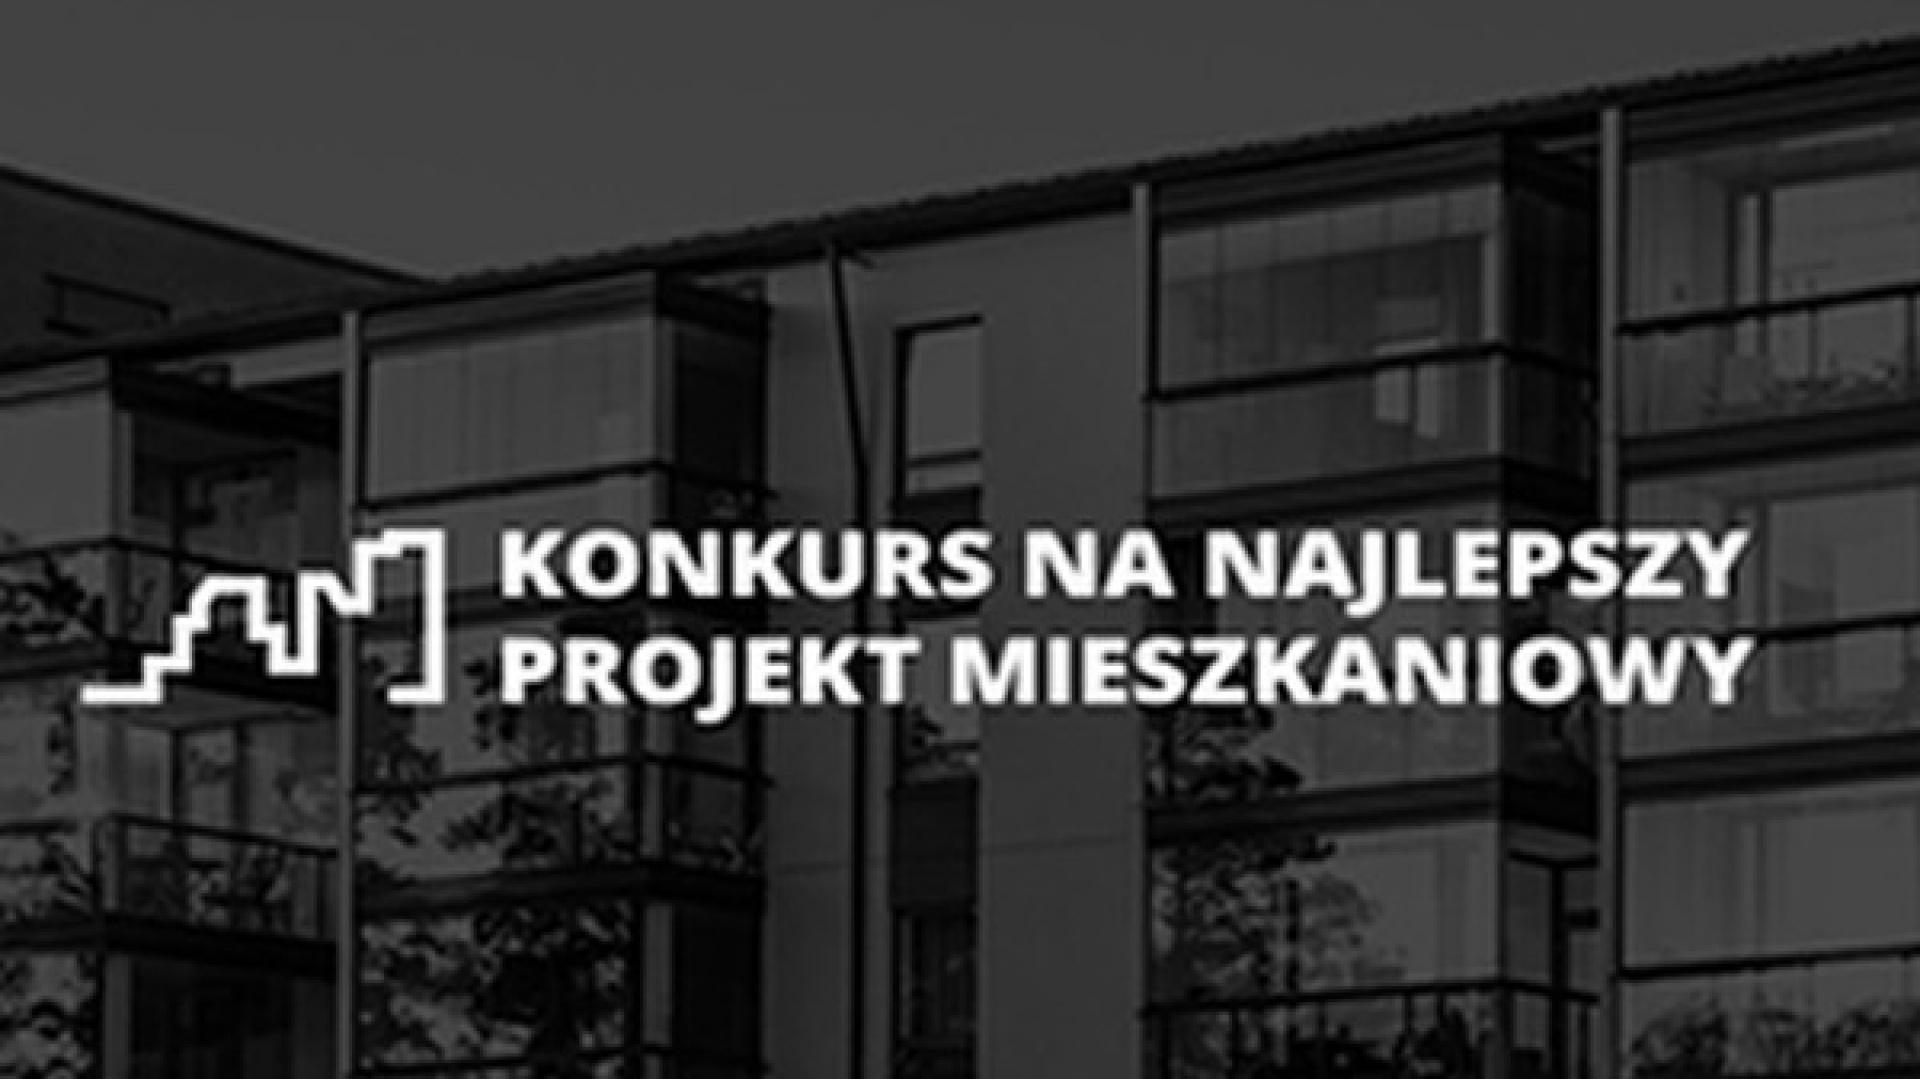 Konkurs jest objęty honorowym patronatem Podsekretarza Stanu w Ministerstwie Infrastruktury i Rozwoju oraz Stowarzyszenia Architektów Polskich.  Fot. Materiały prasowe